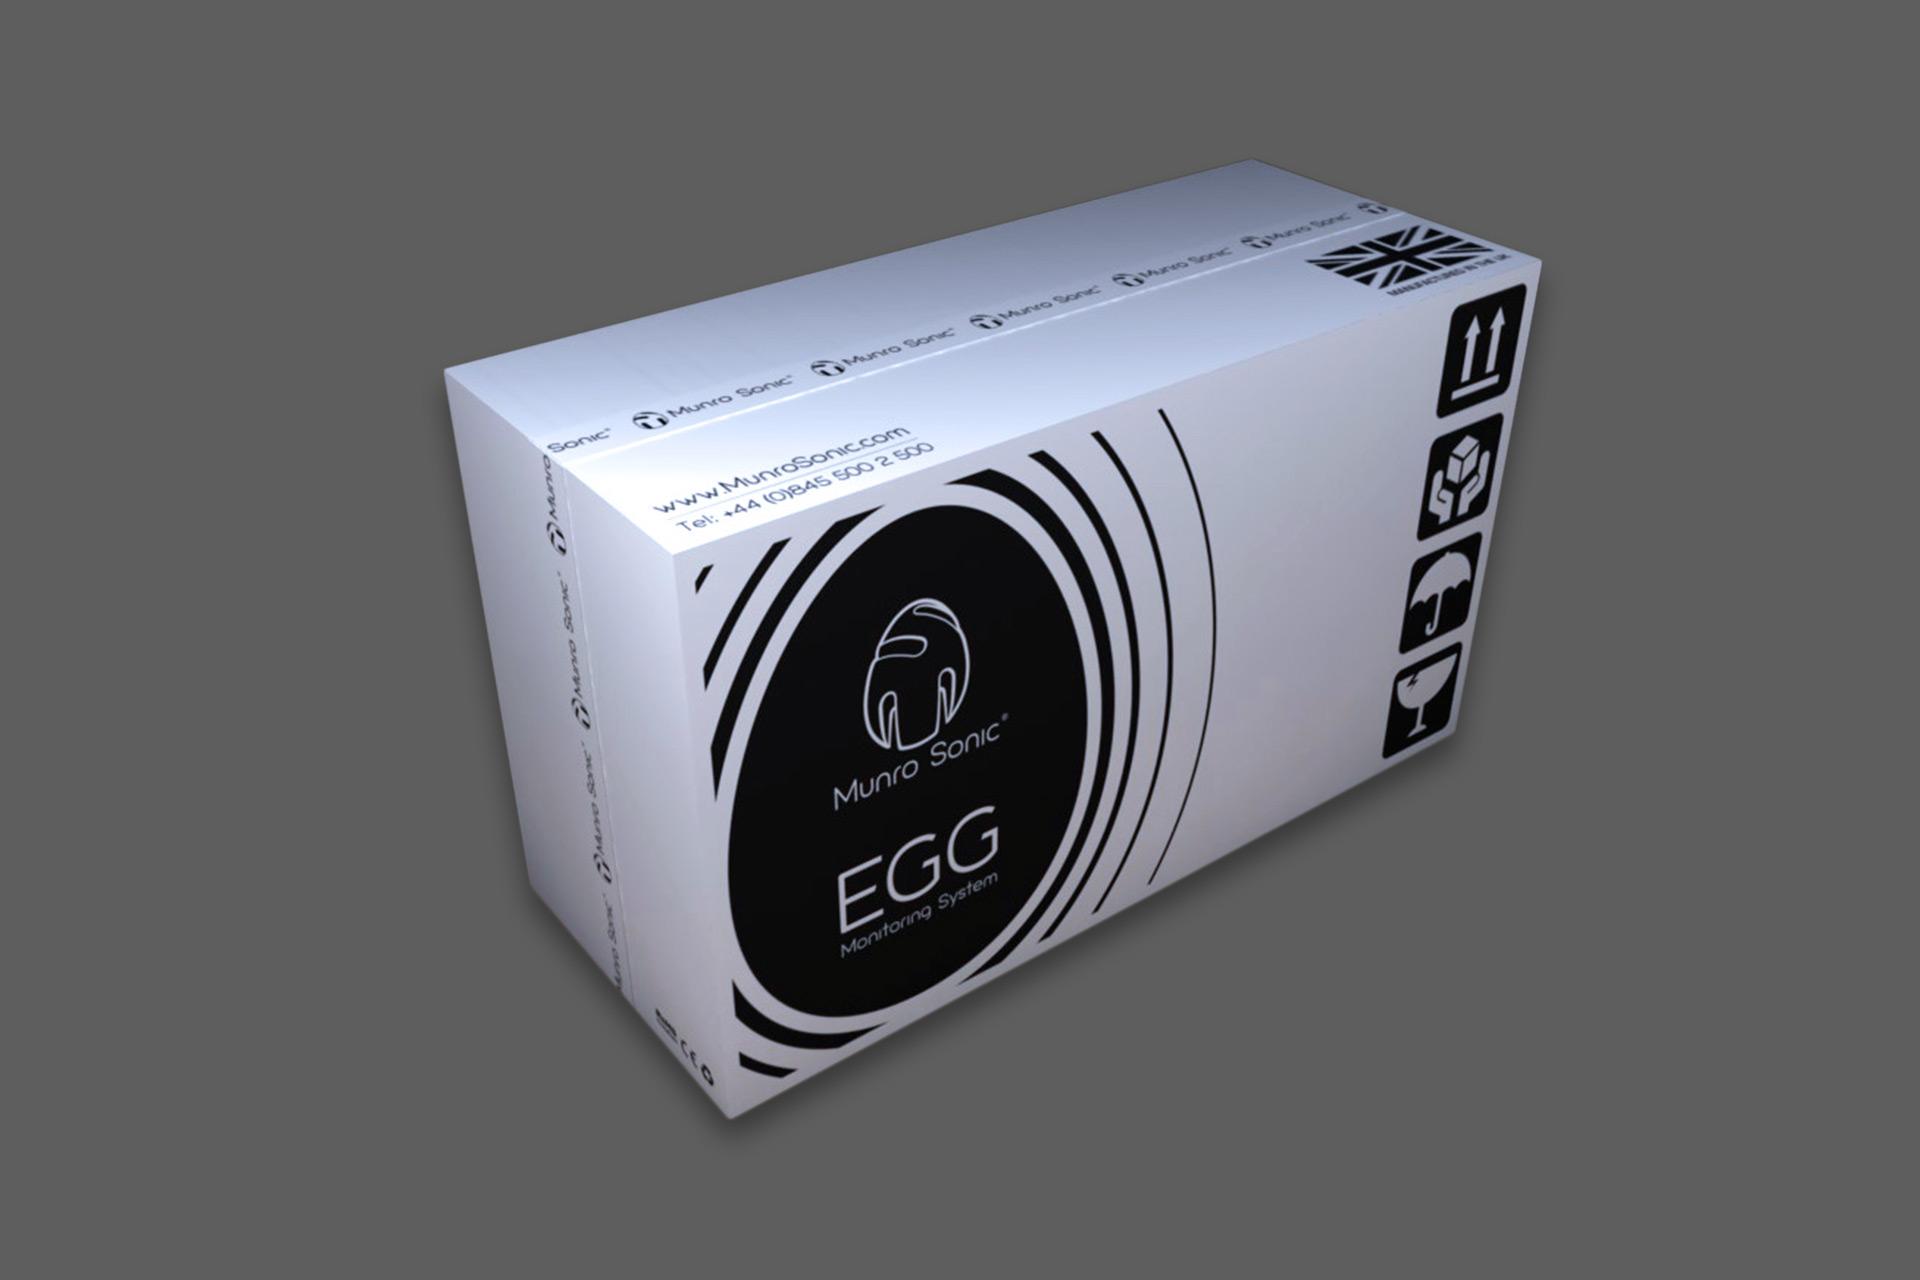 Packaging-mockup_no_bkg2